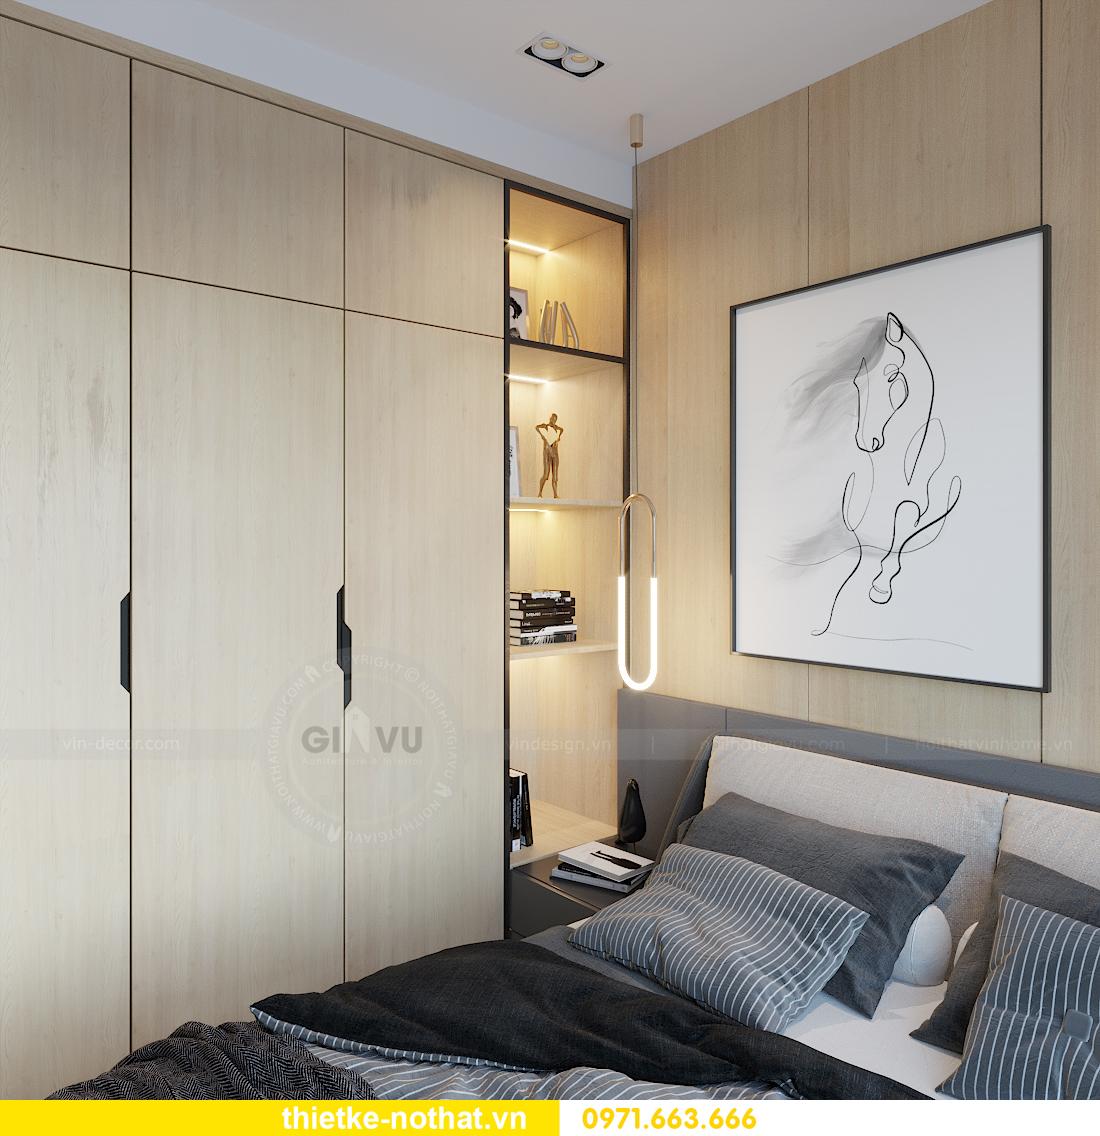 thiết kế nội thất chung cư Smart City tòa S101 căn 11 7